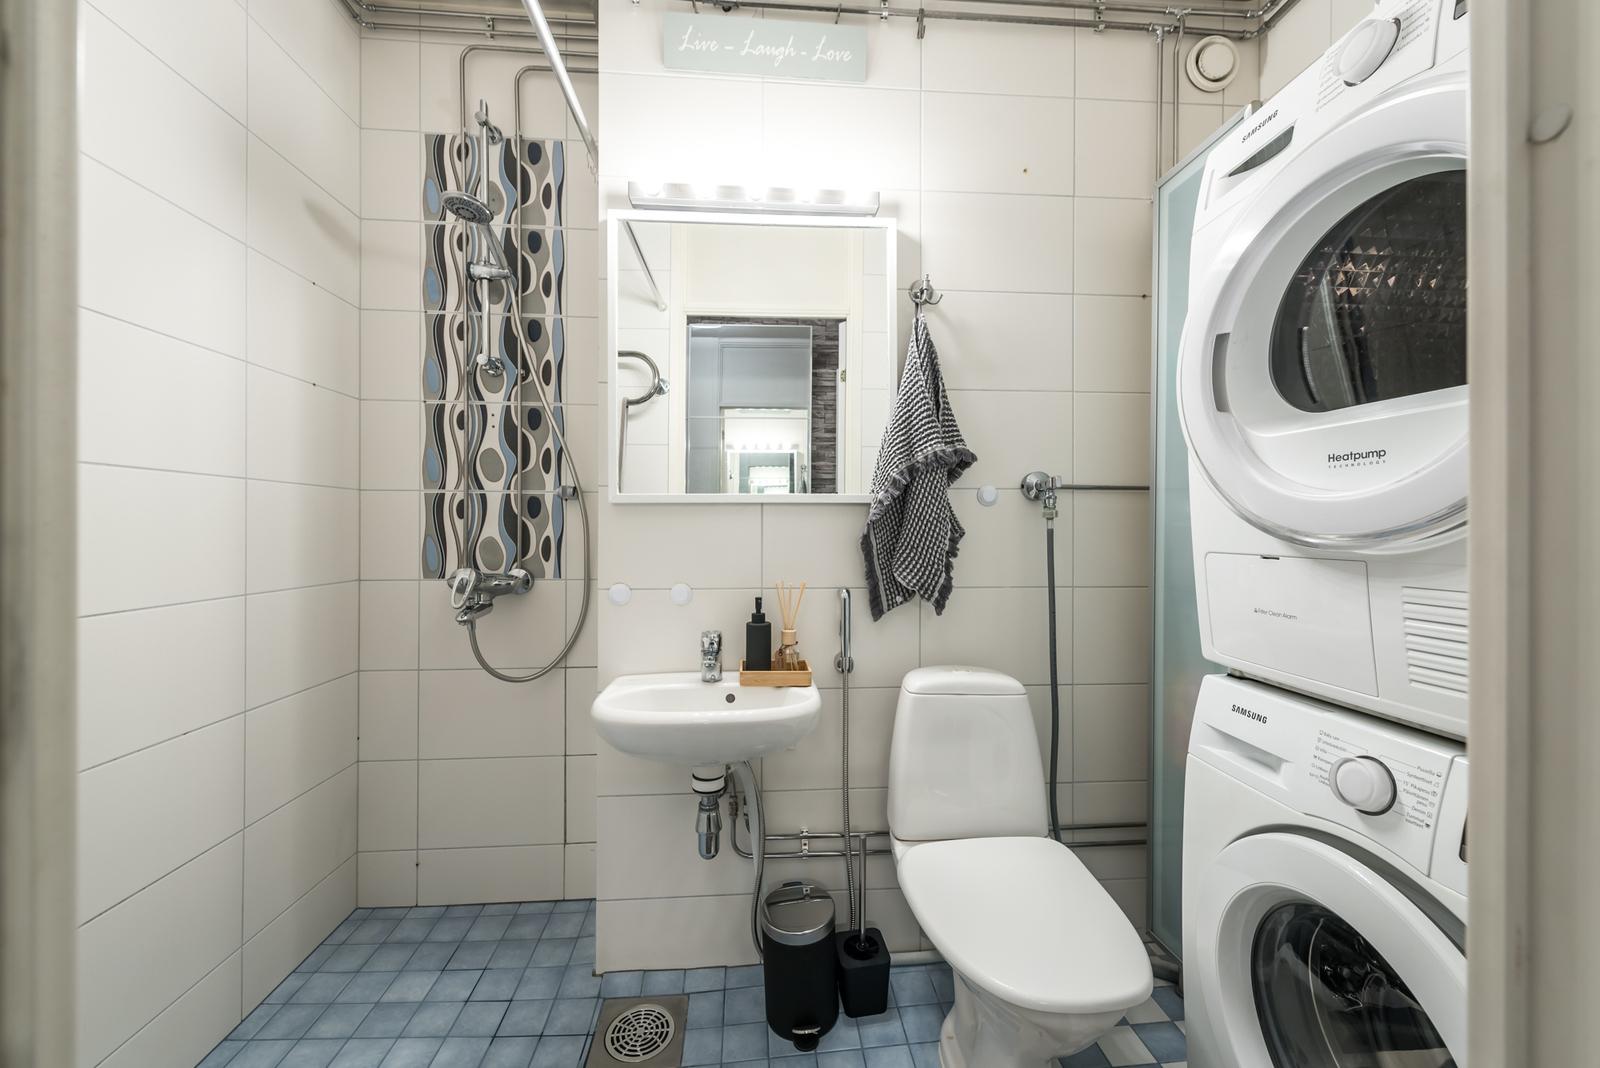 Kylpyhuoneessa tilaa myös pesutornille.